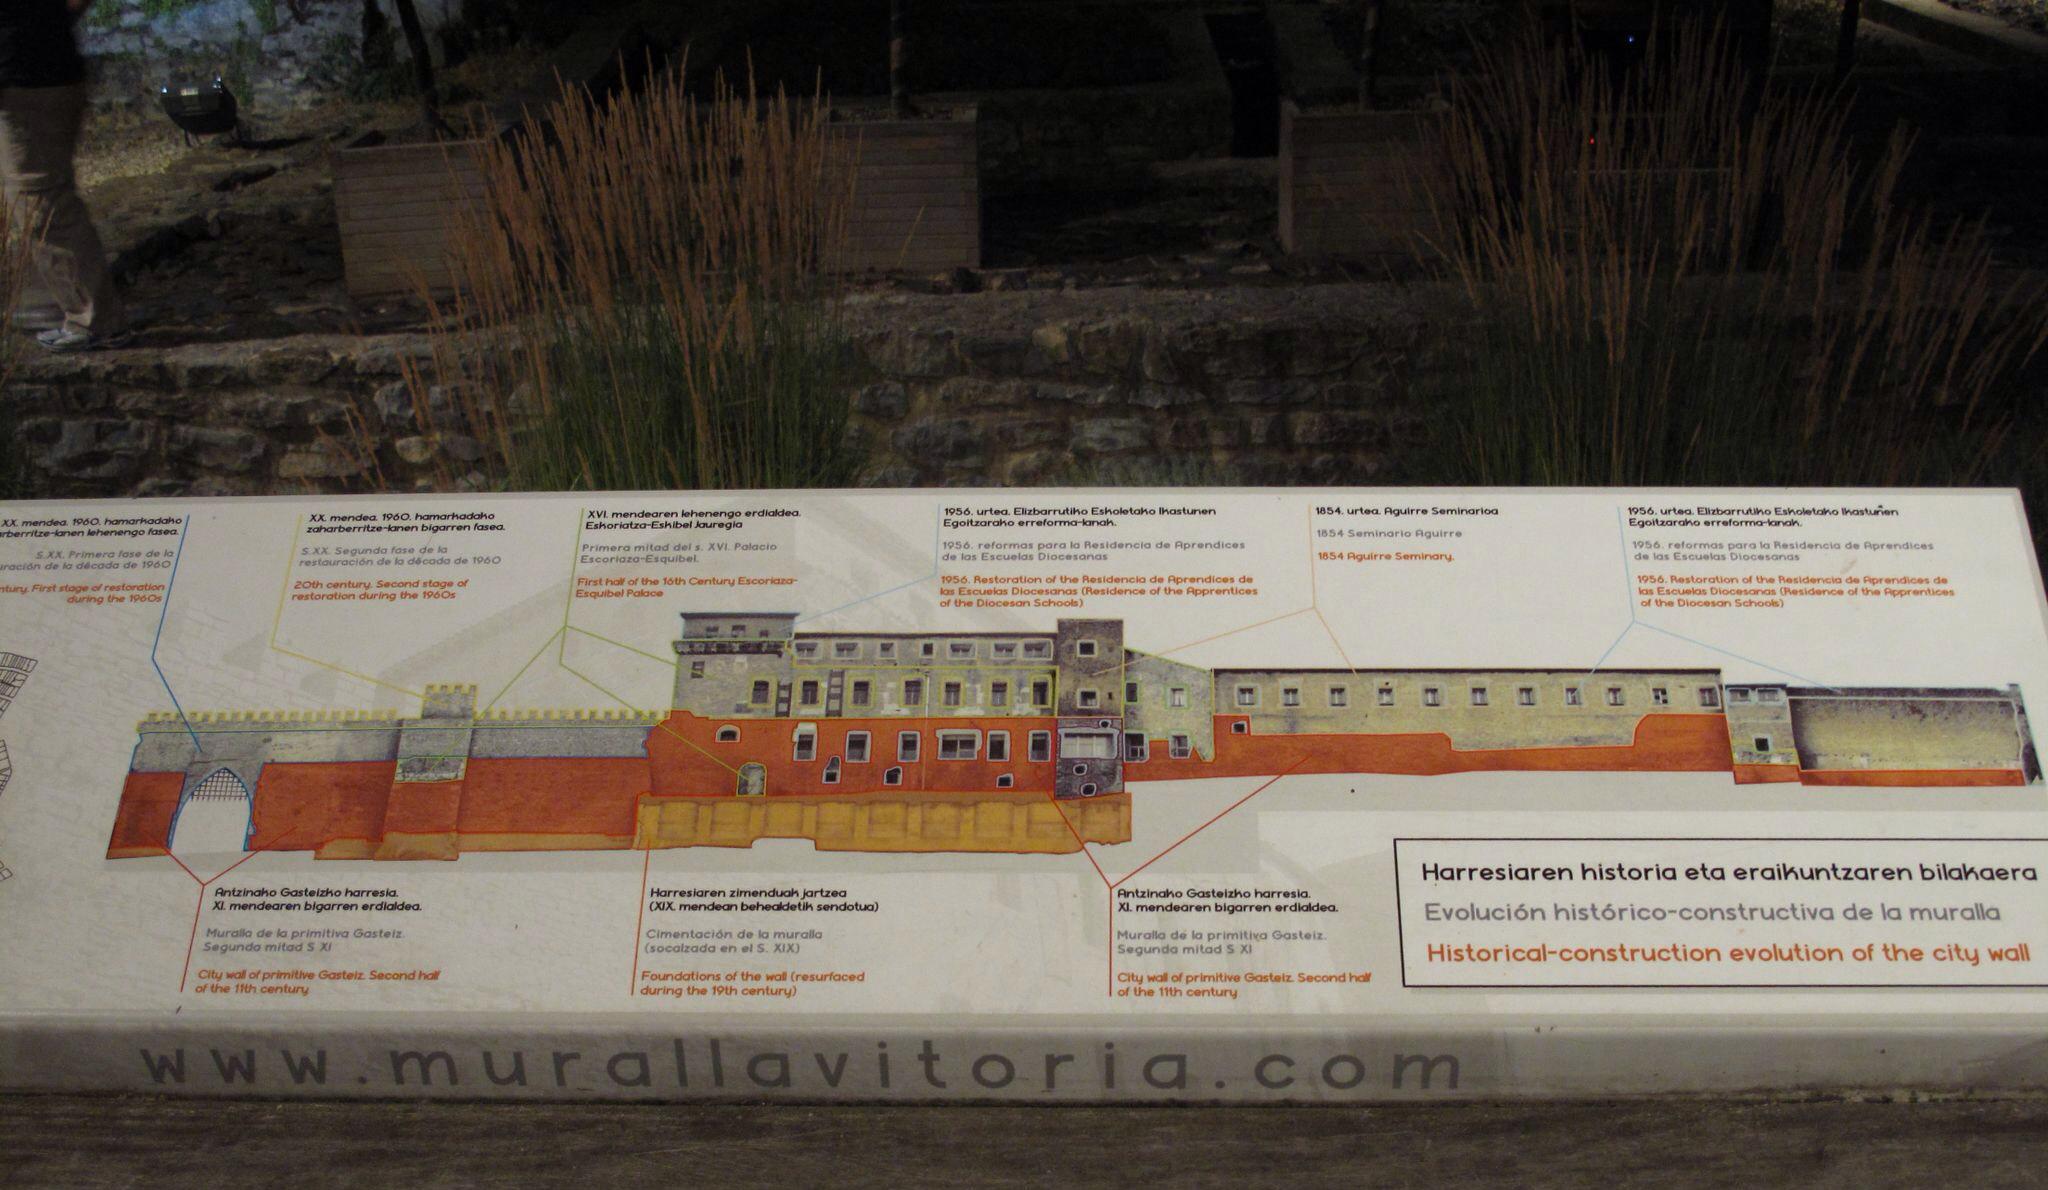 muralla vitoria_restauracion_siglo XI_plano estatigrafico_construccion